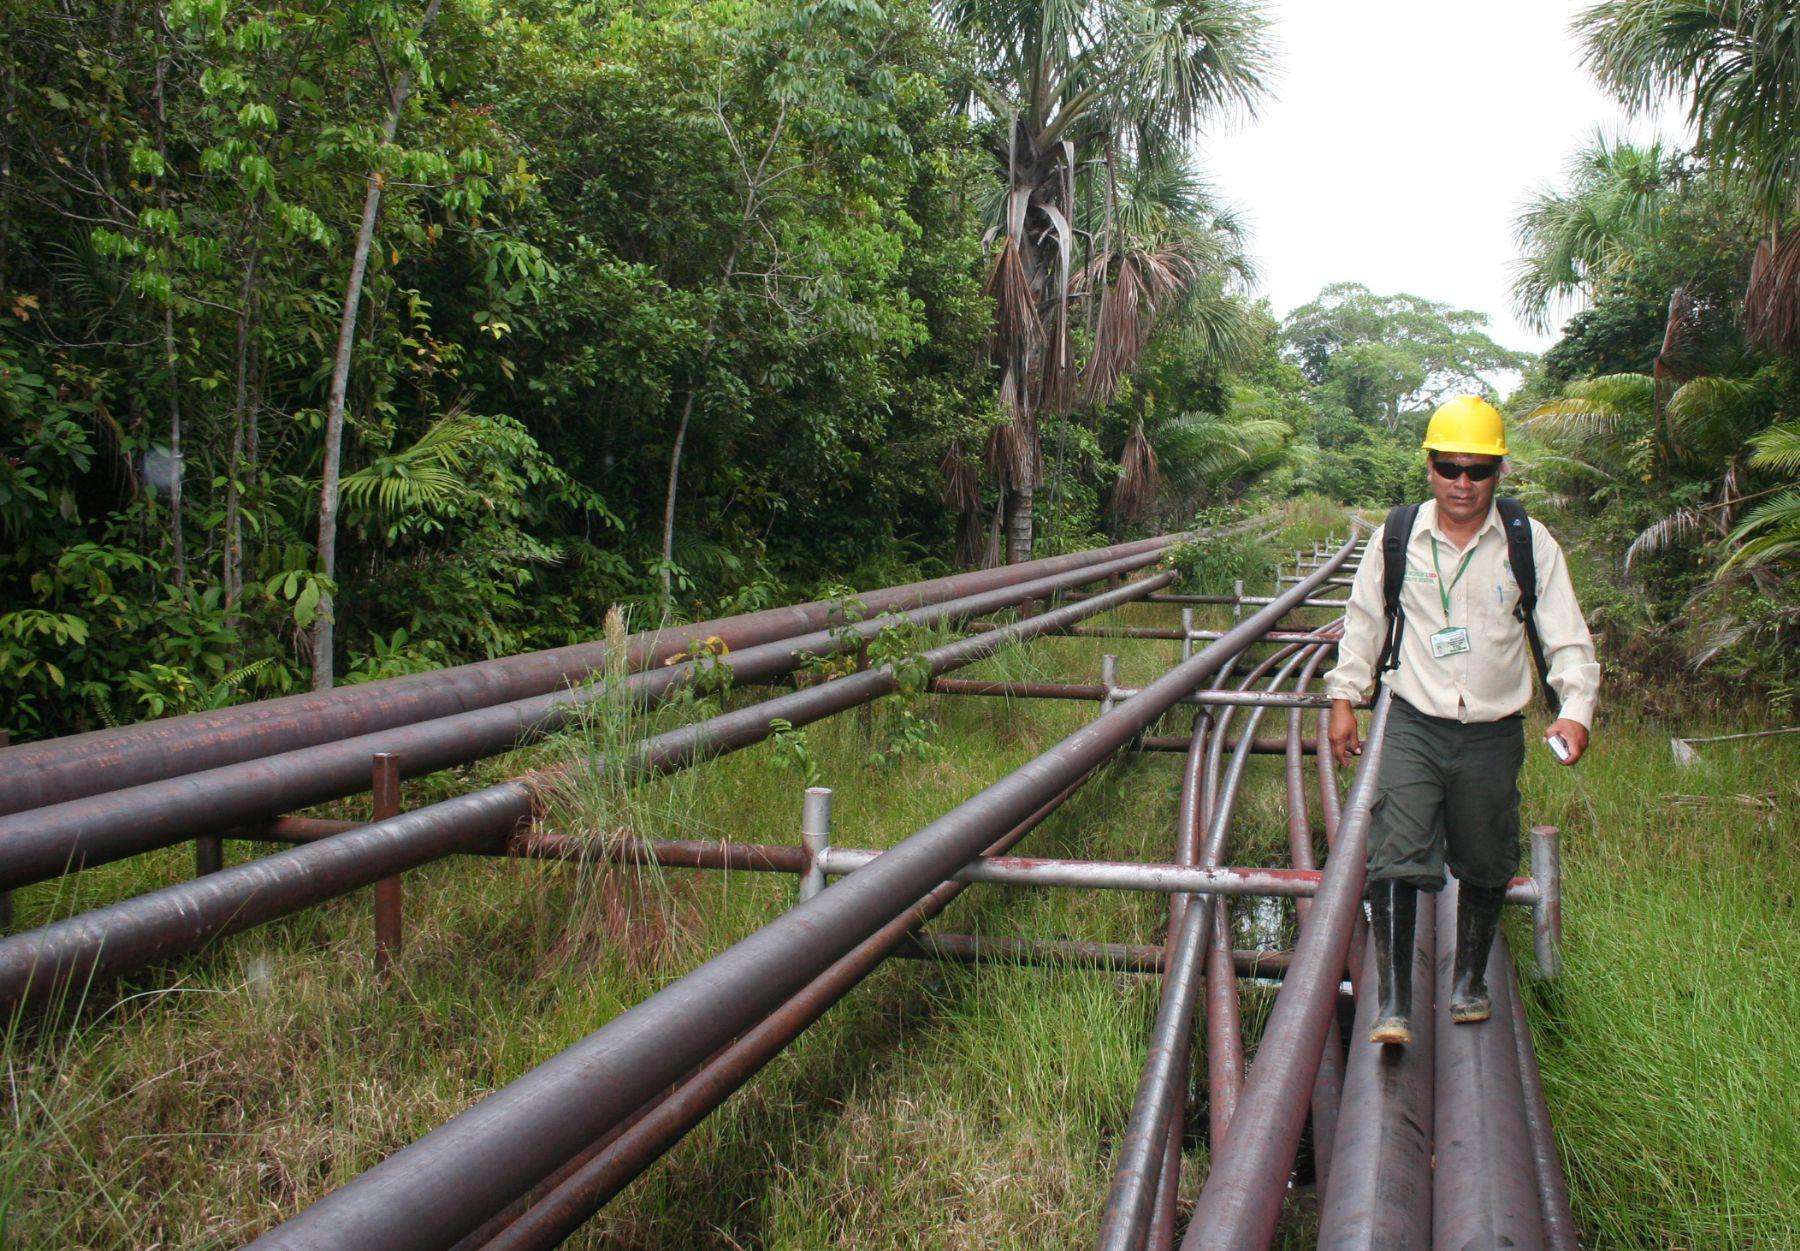 Reactivación de producción petrolera reduciría tarifas de oleoducto